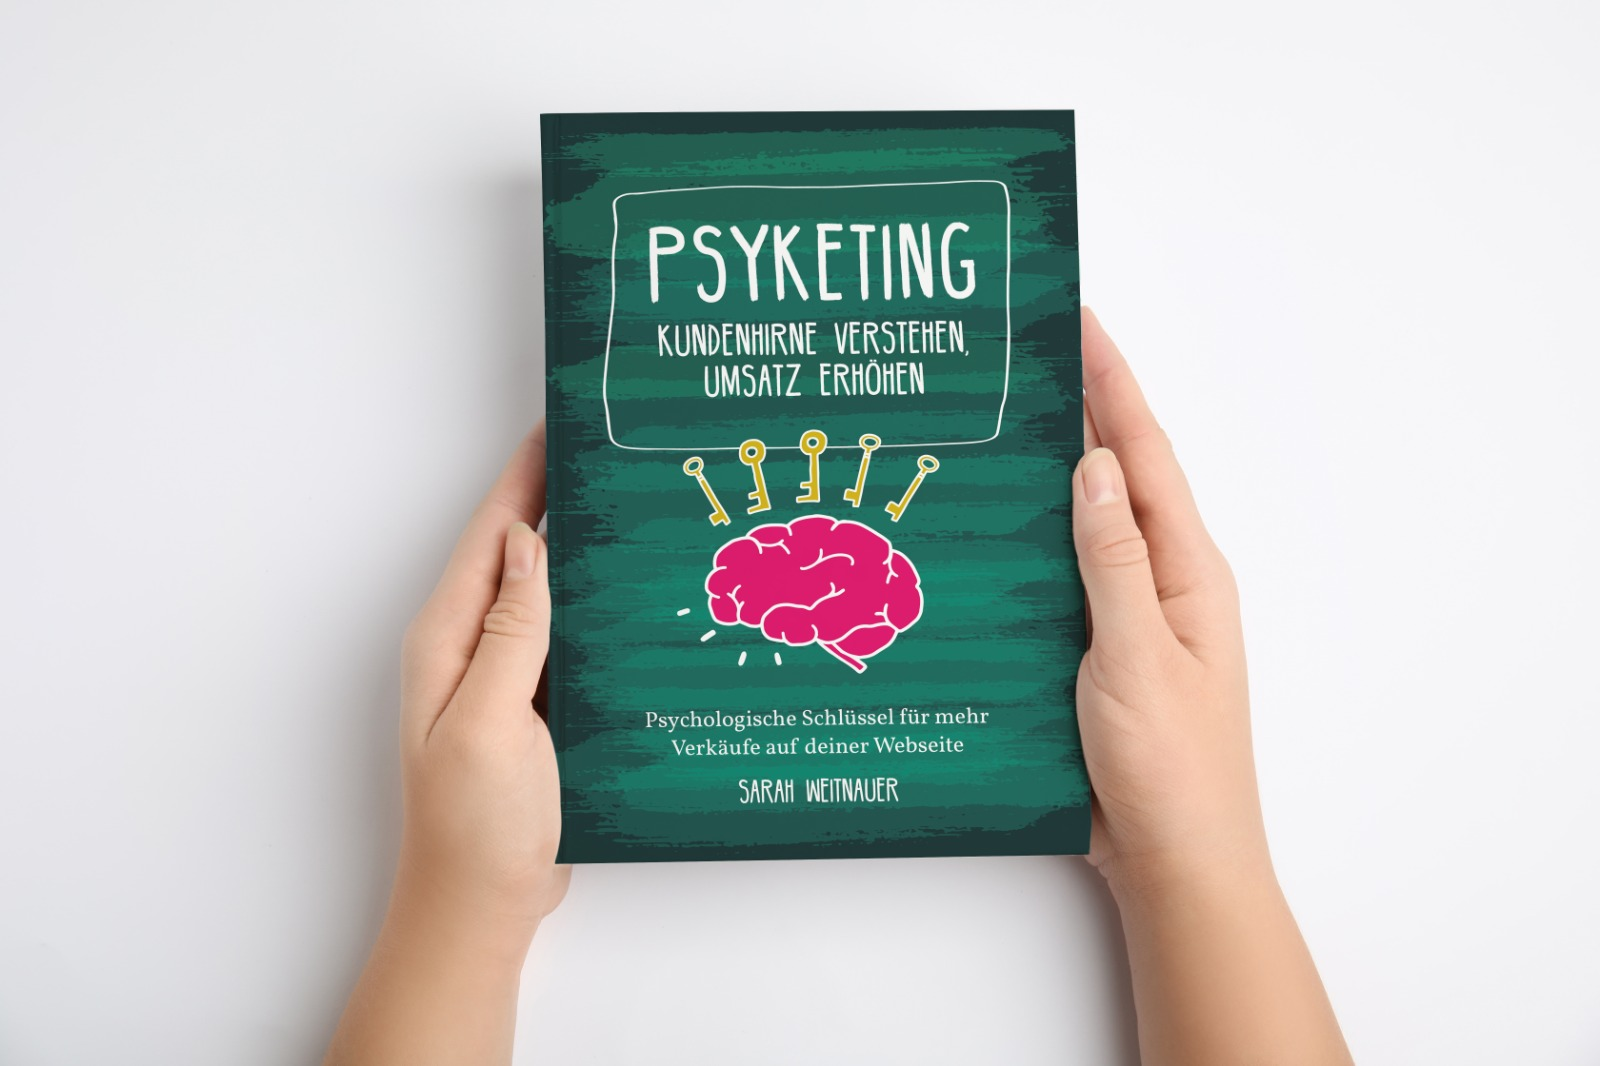 Psyketing Buch gehalten